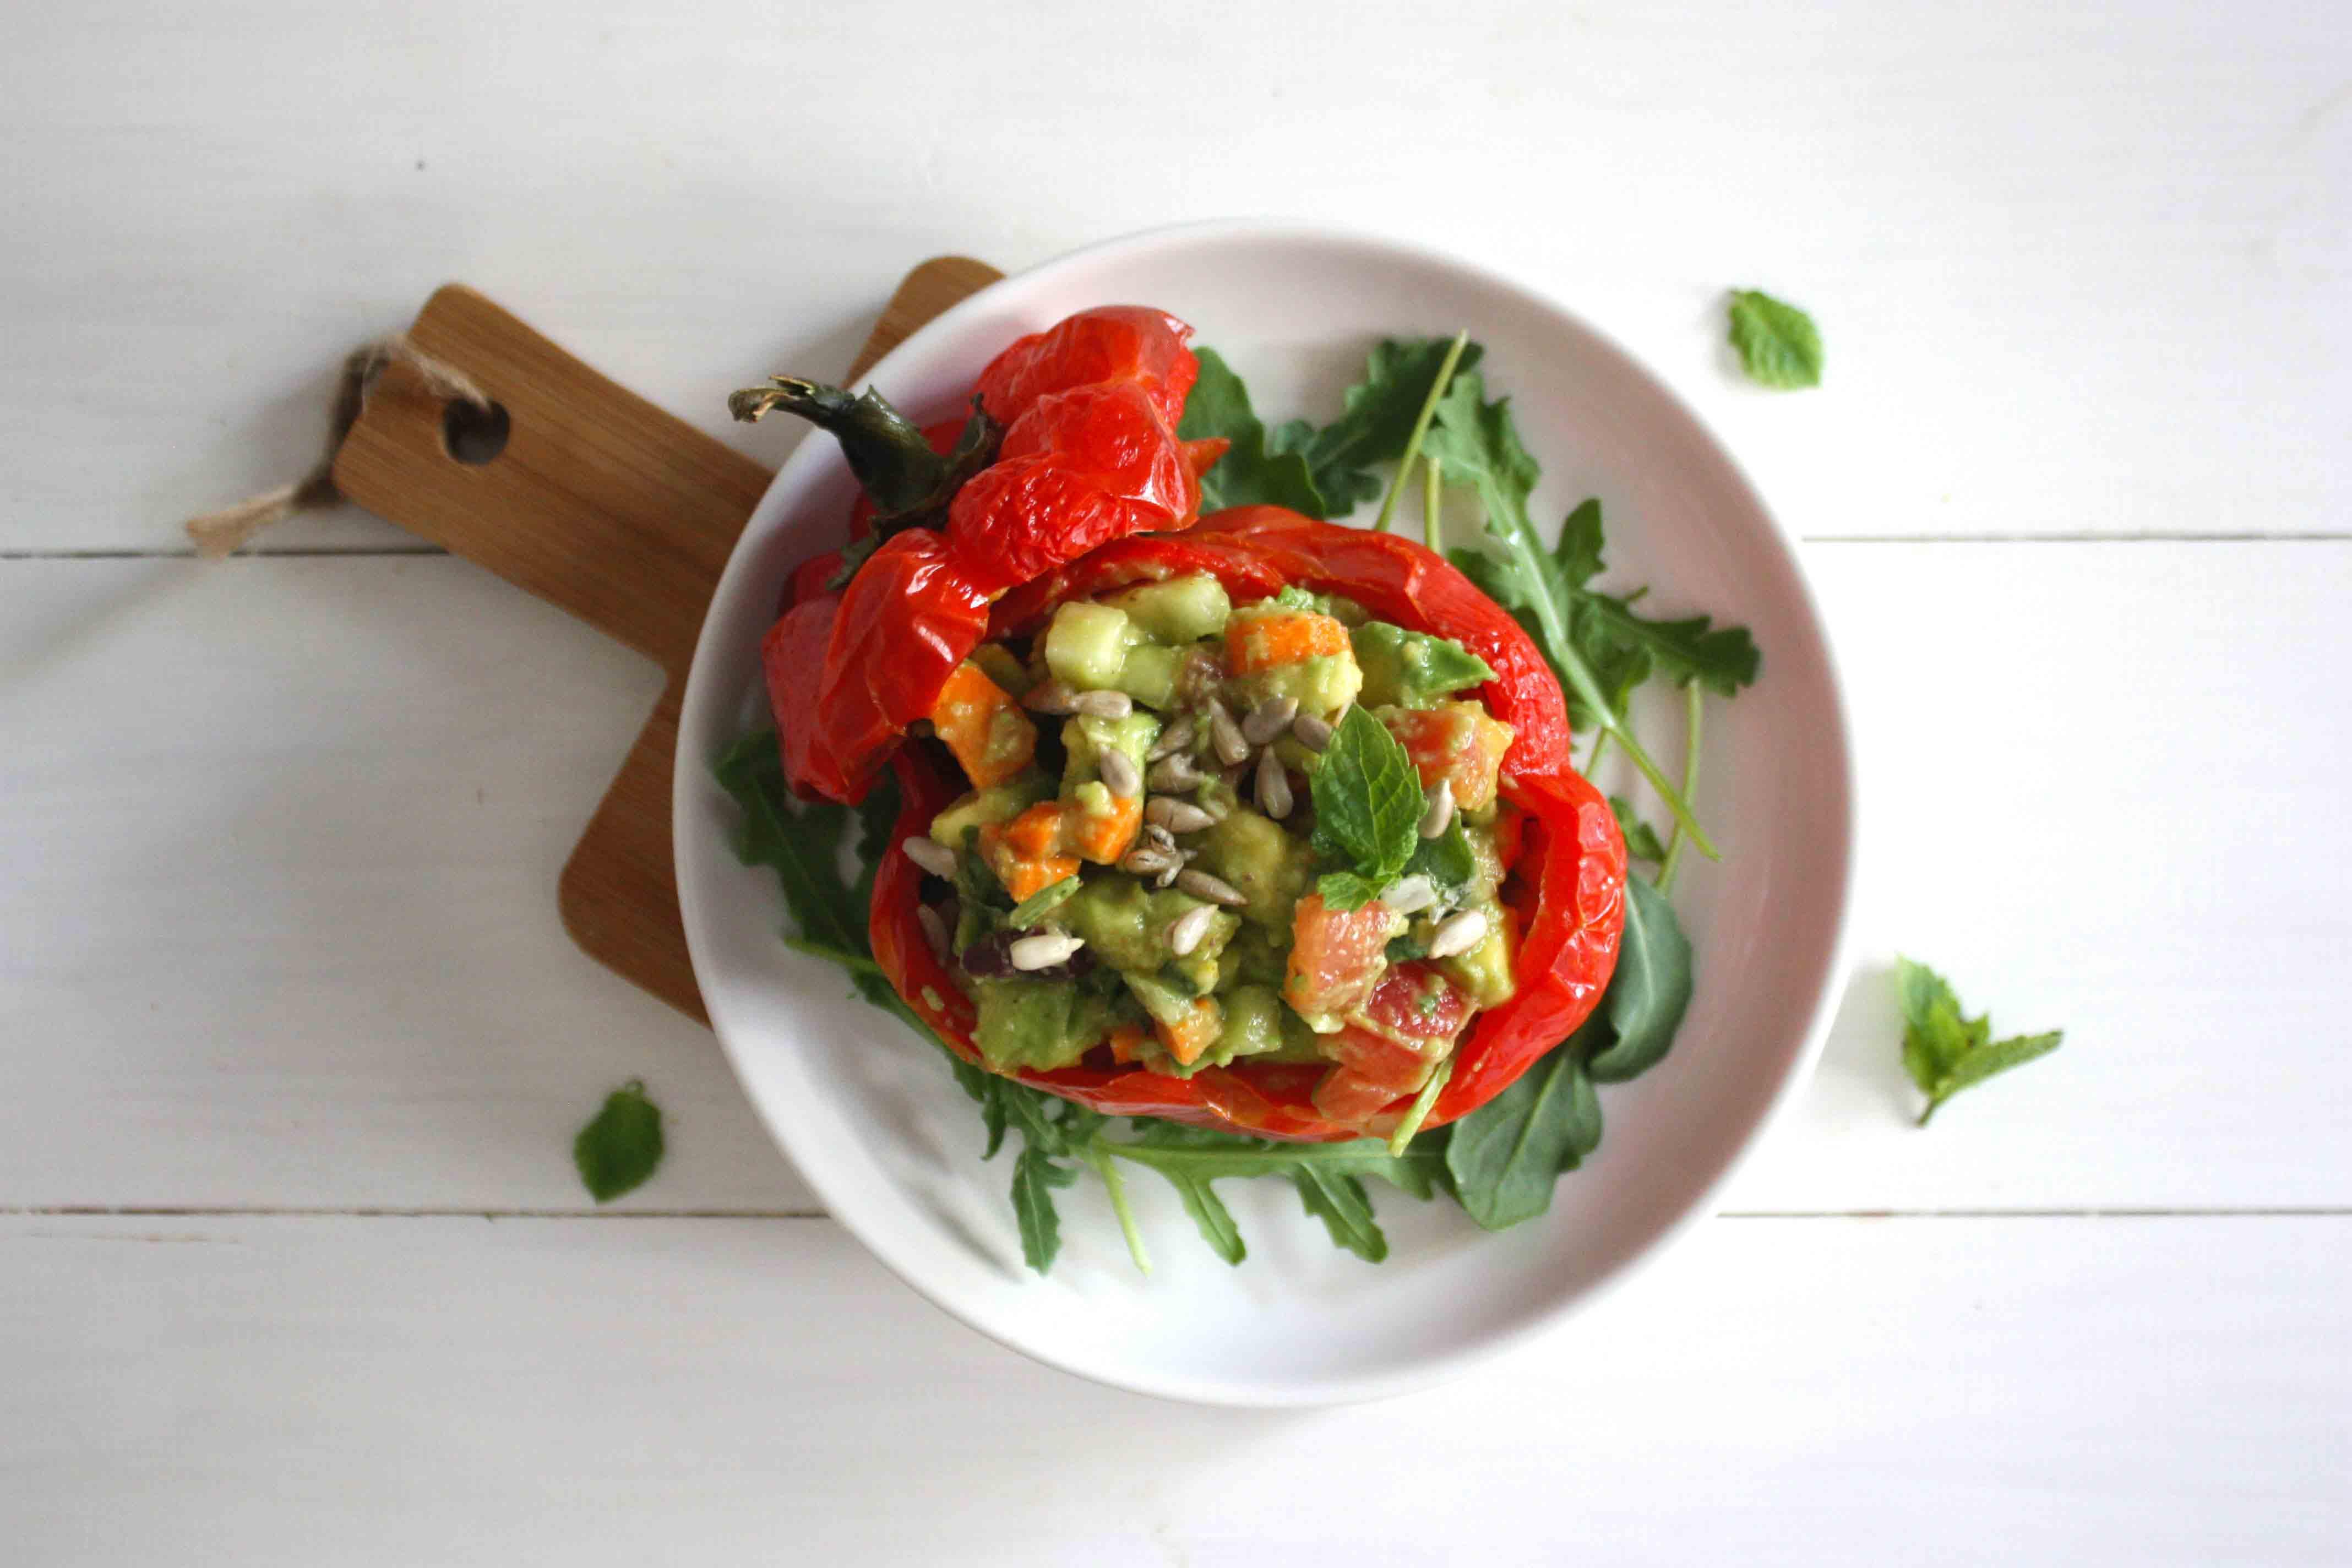 Pimiento relleno de hortalizas al toque de lima y menta